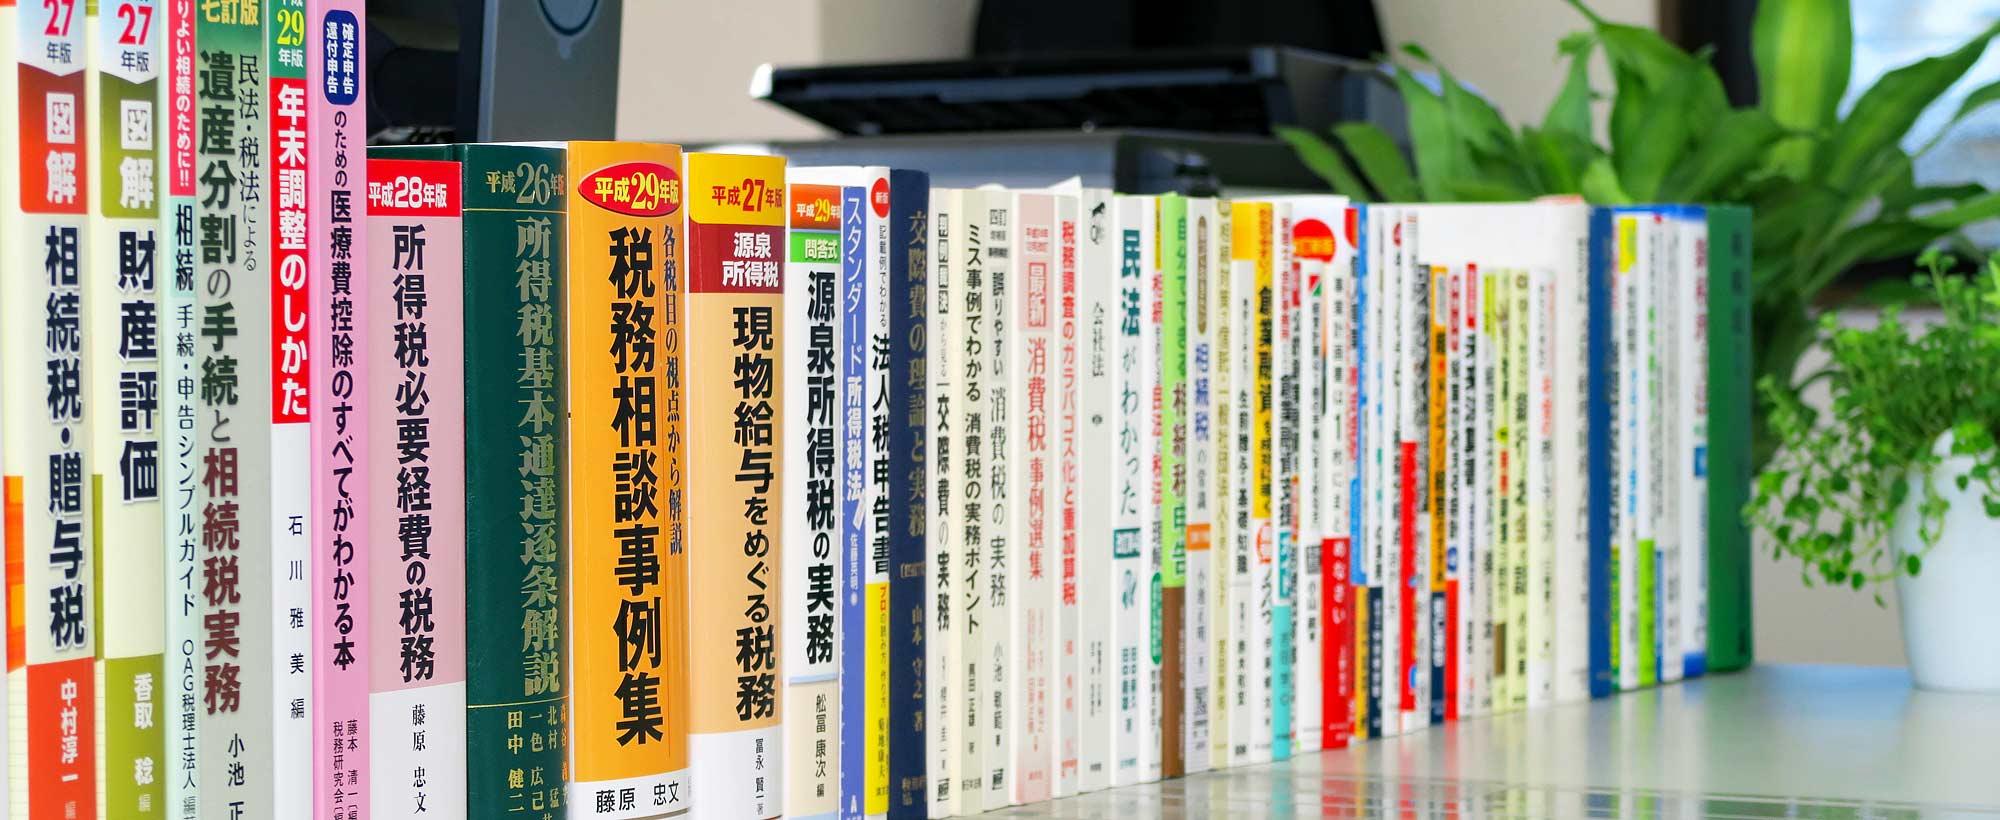 ひるま税理士事務所 事務所内(税務書籍)